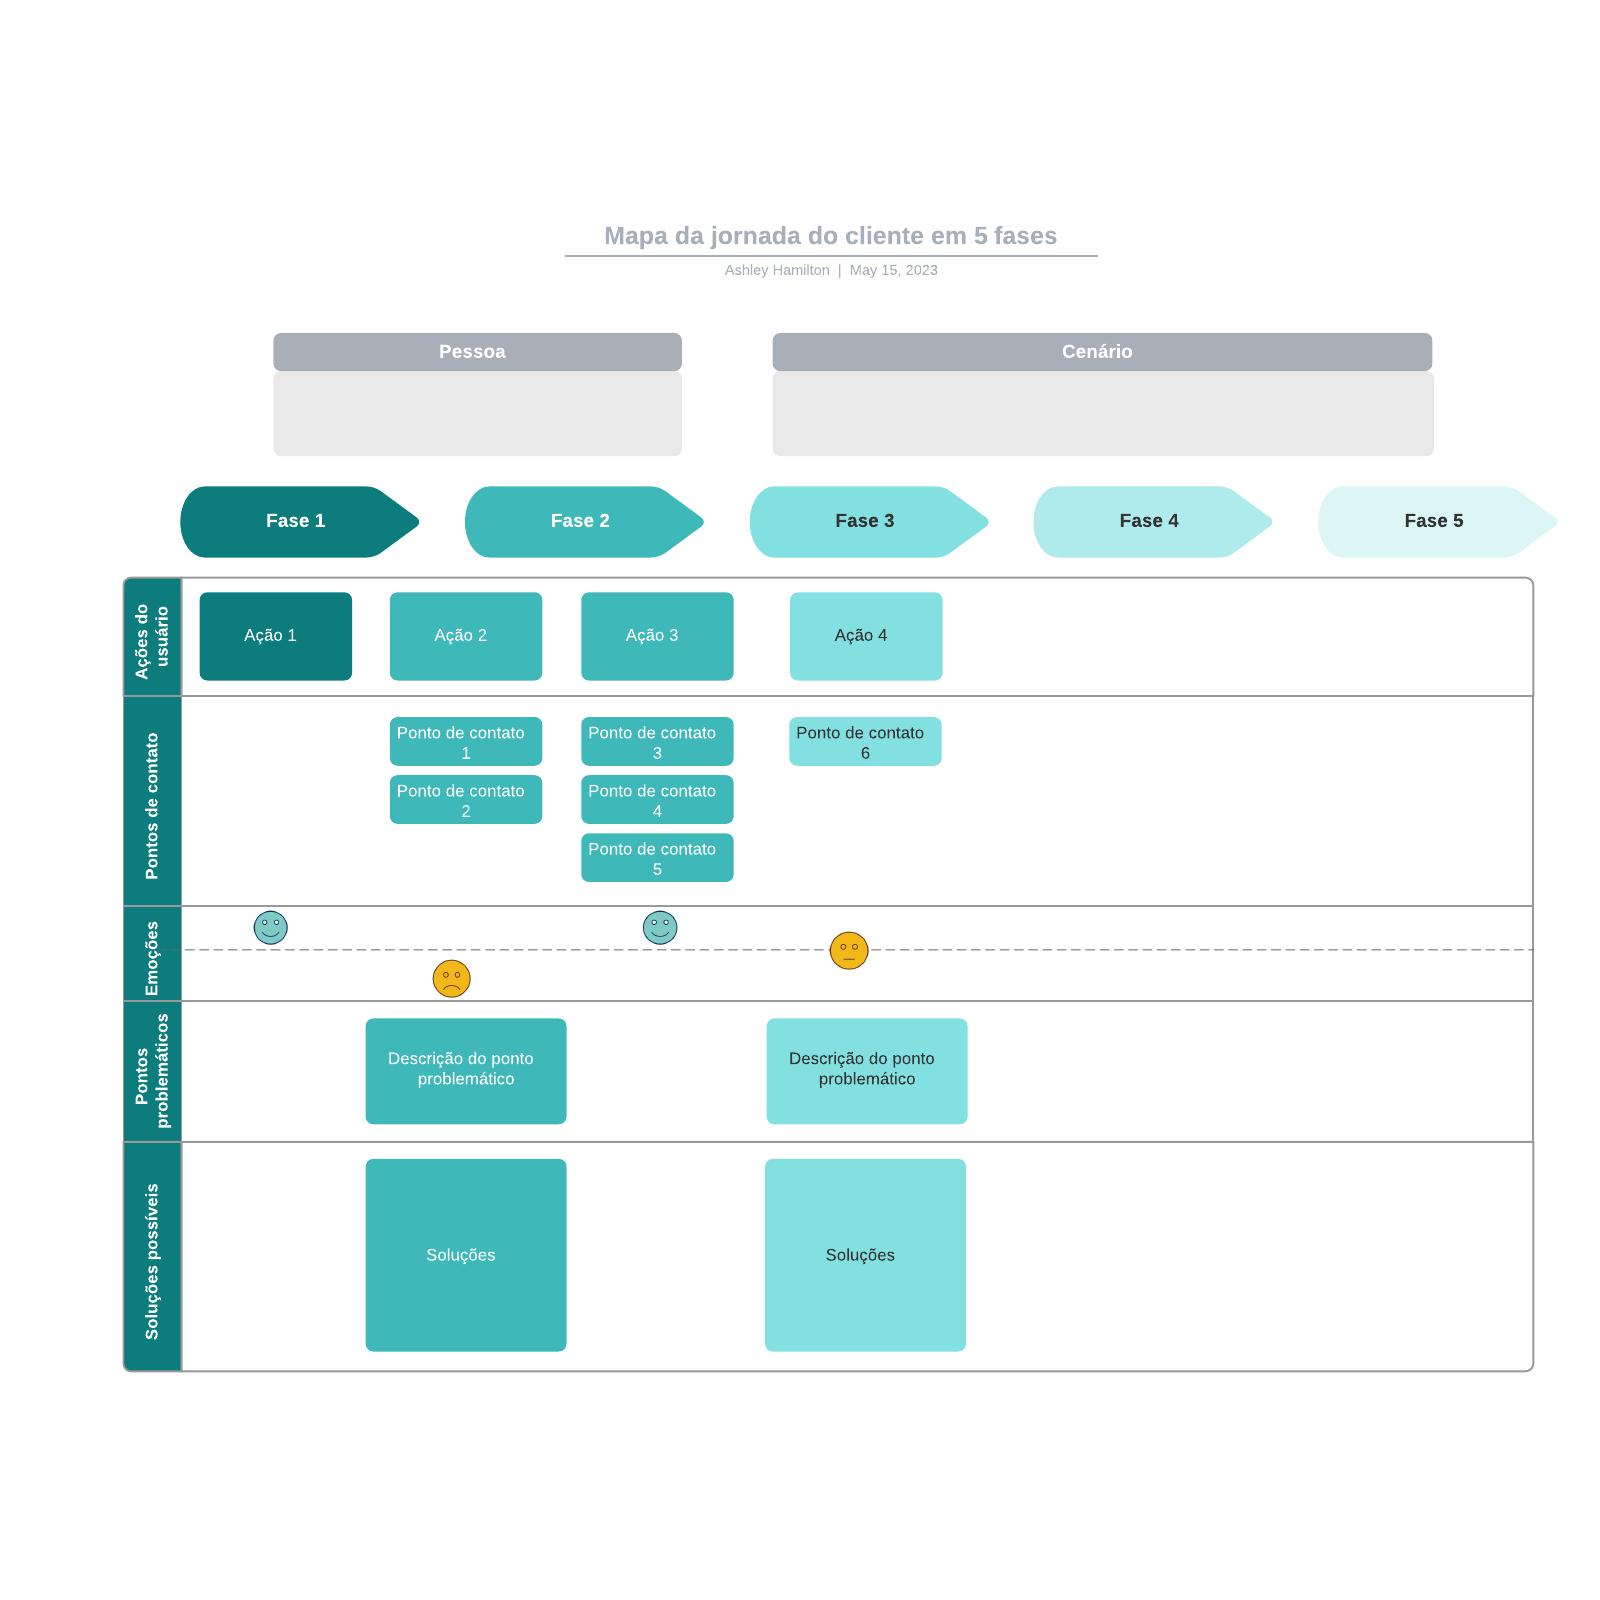 Mapa da jornada do cliente em 5 fases